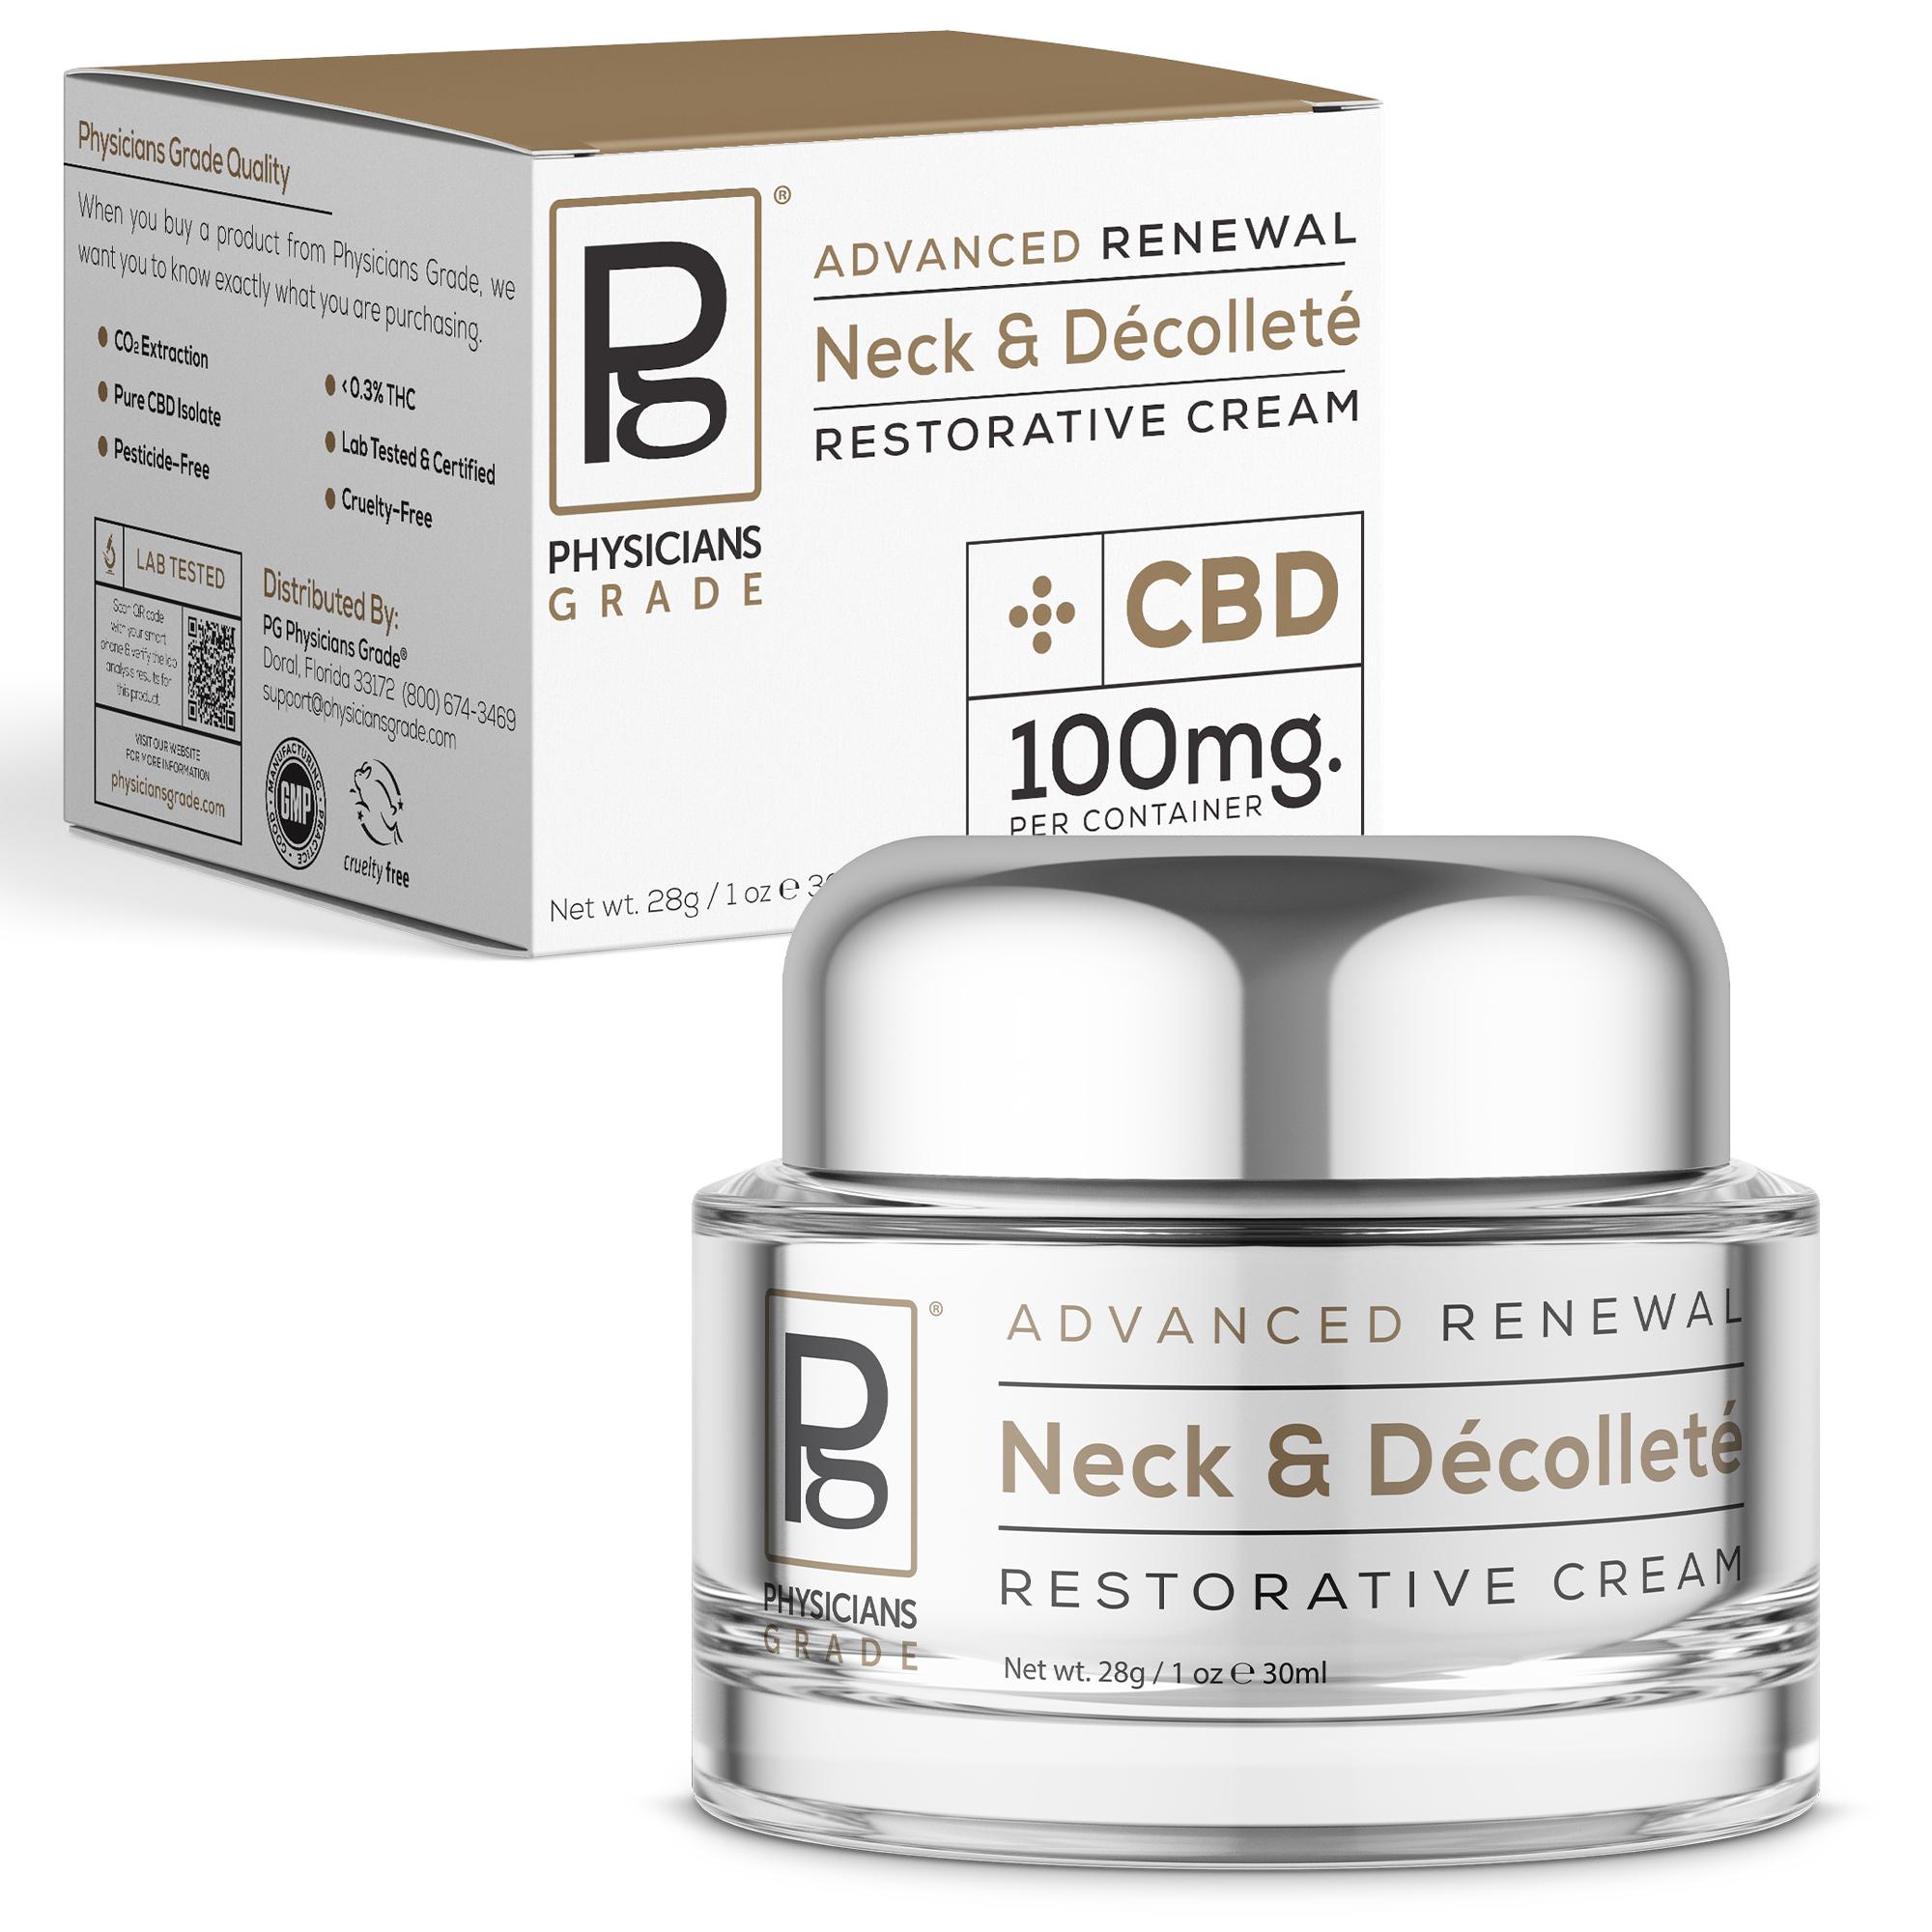 527503 NeckDec Cream - Neck & Décolleté Cream + 100mg CBD